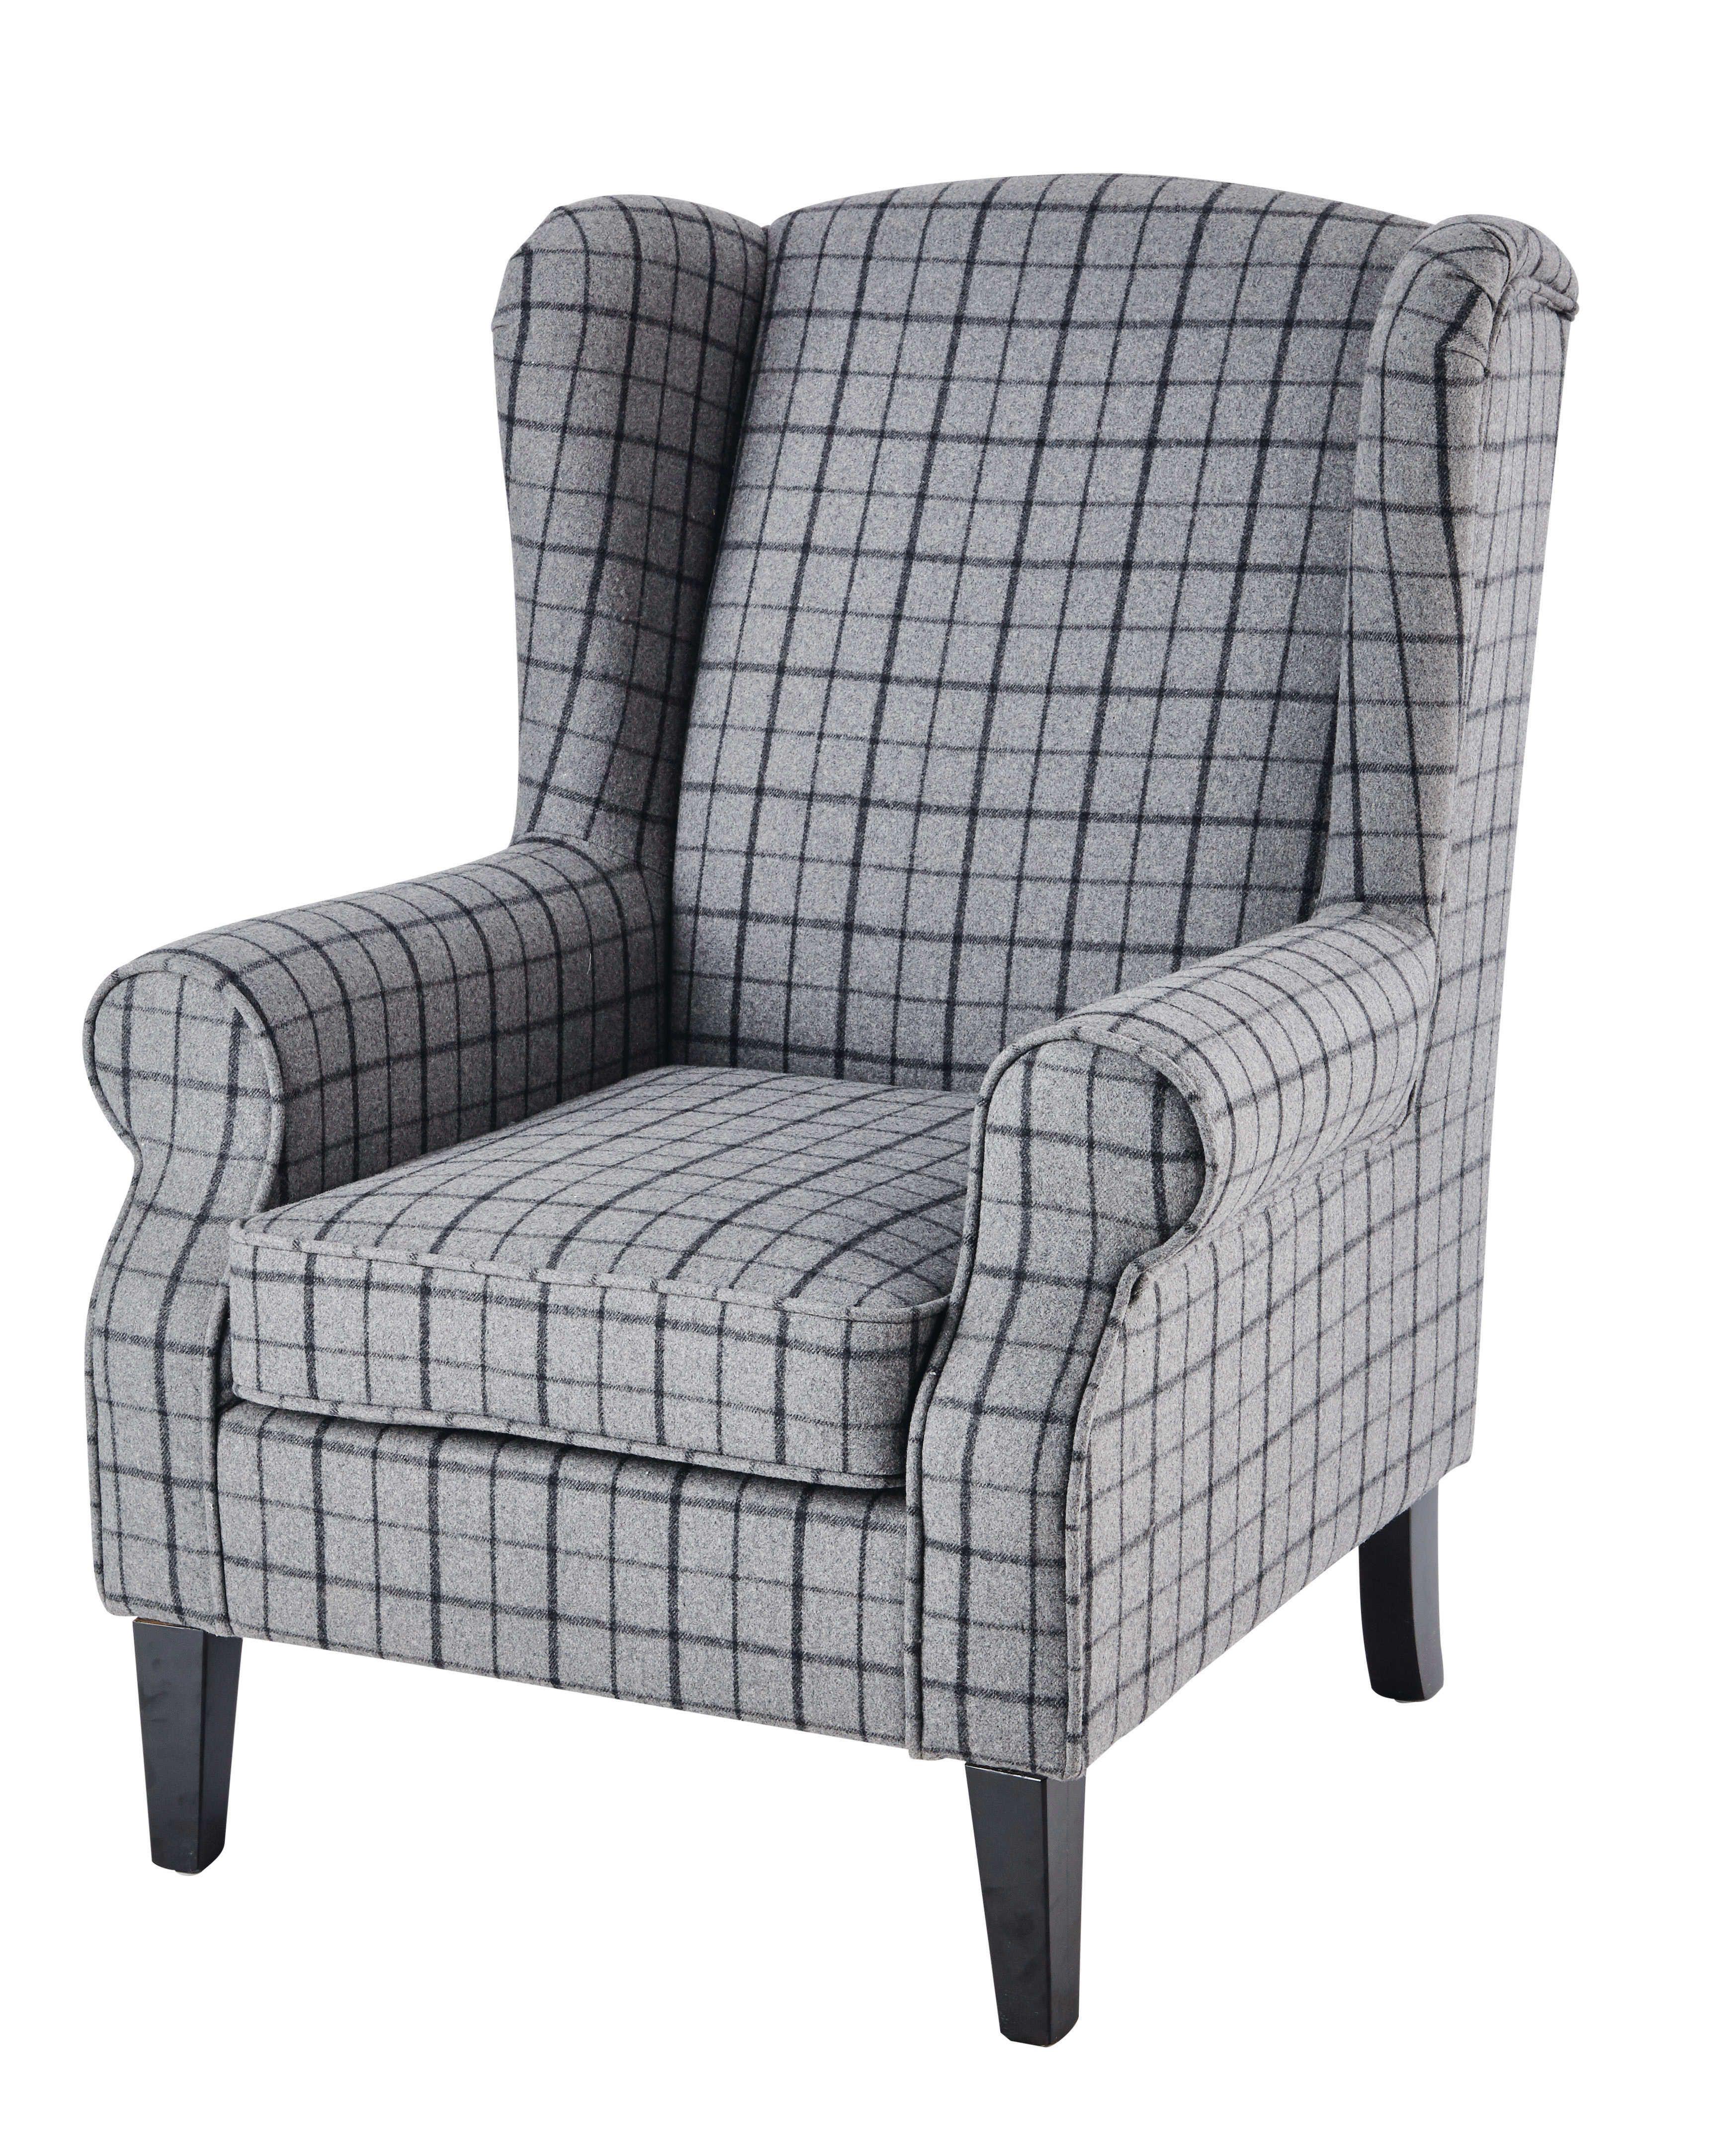 fauteuil en laine carreaux gris fauteuils laine et gris. Black Bedroom Furniture Sets. Home Design Ideas